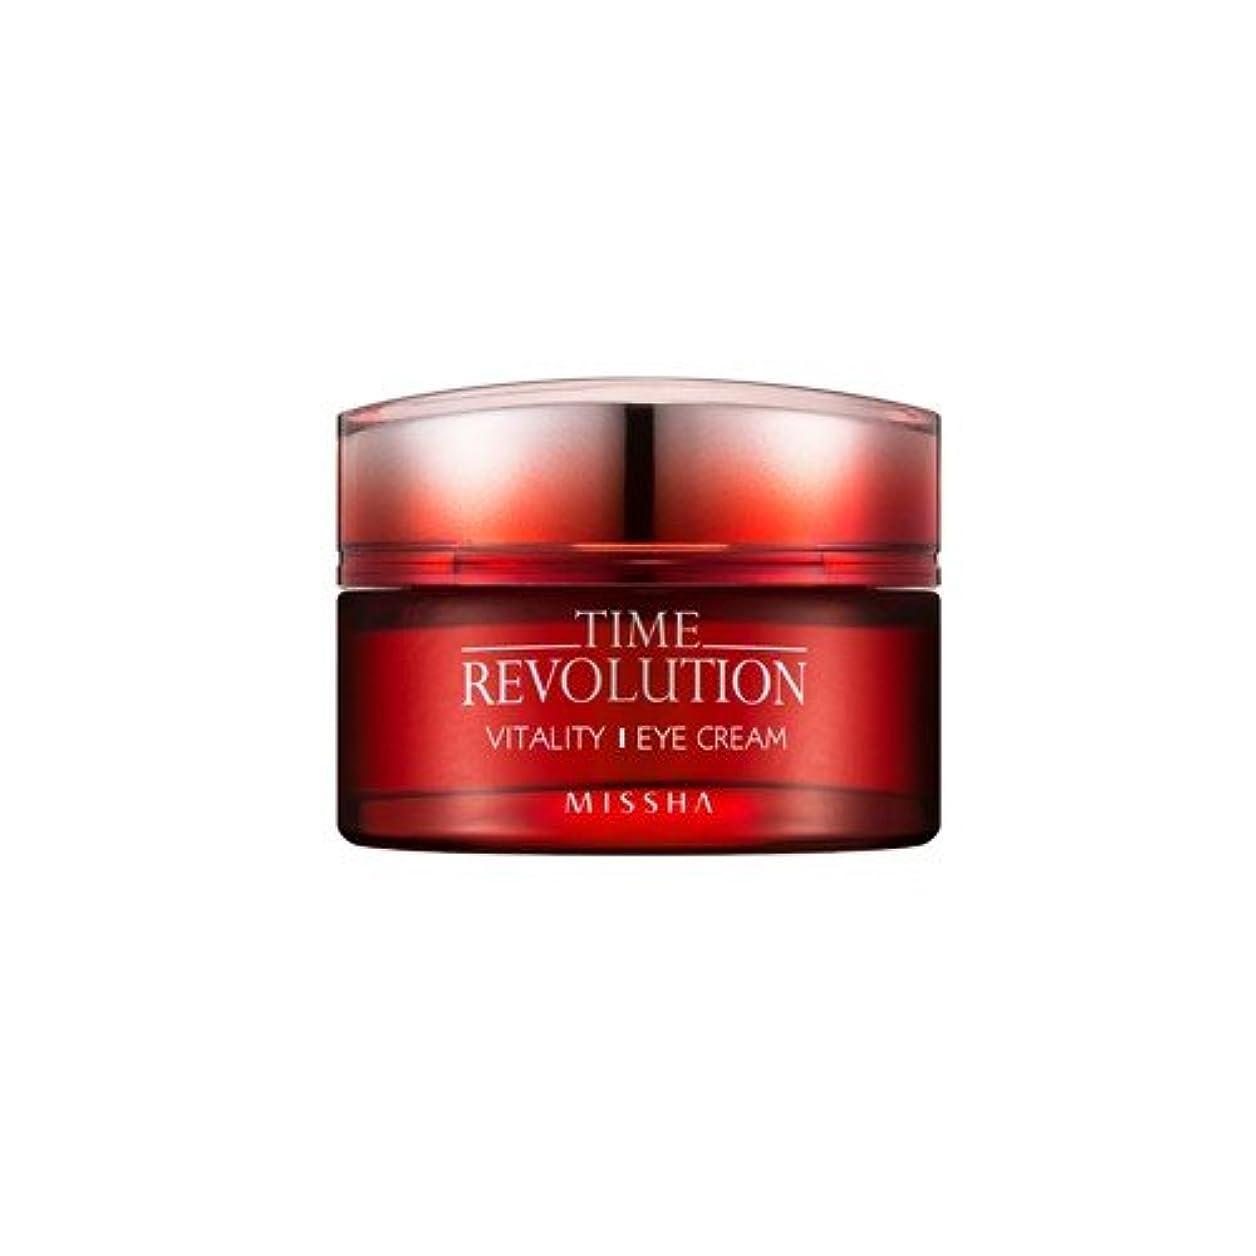 ウナギ委託みすぼらしいMISSHA time revolution vitality eye cream (ミシャ タイムレボリューション バイタリティー アイクリーム)25ml